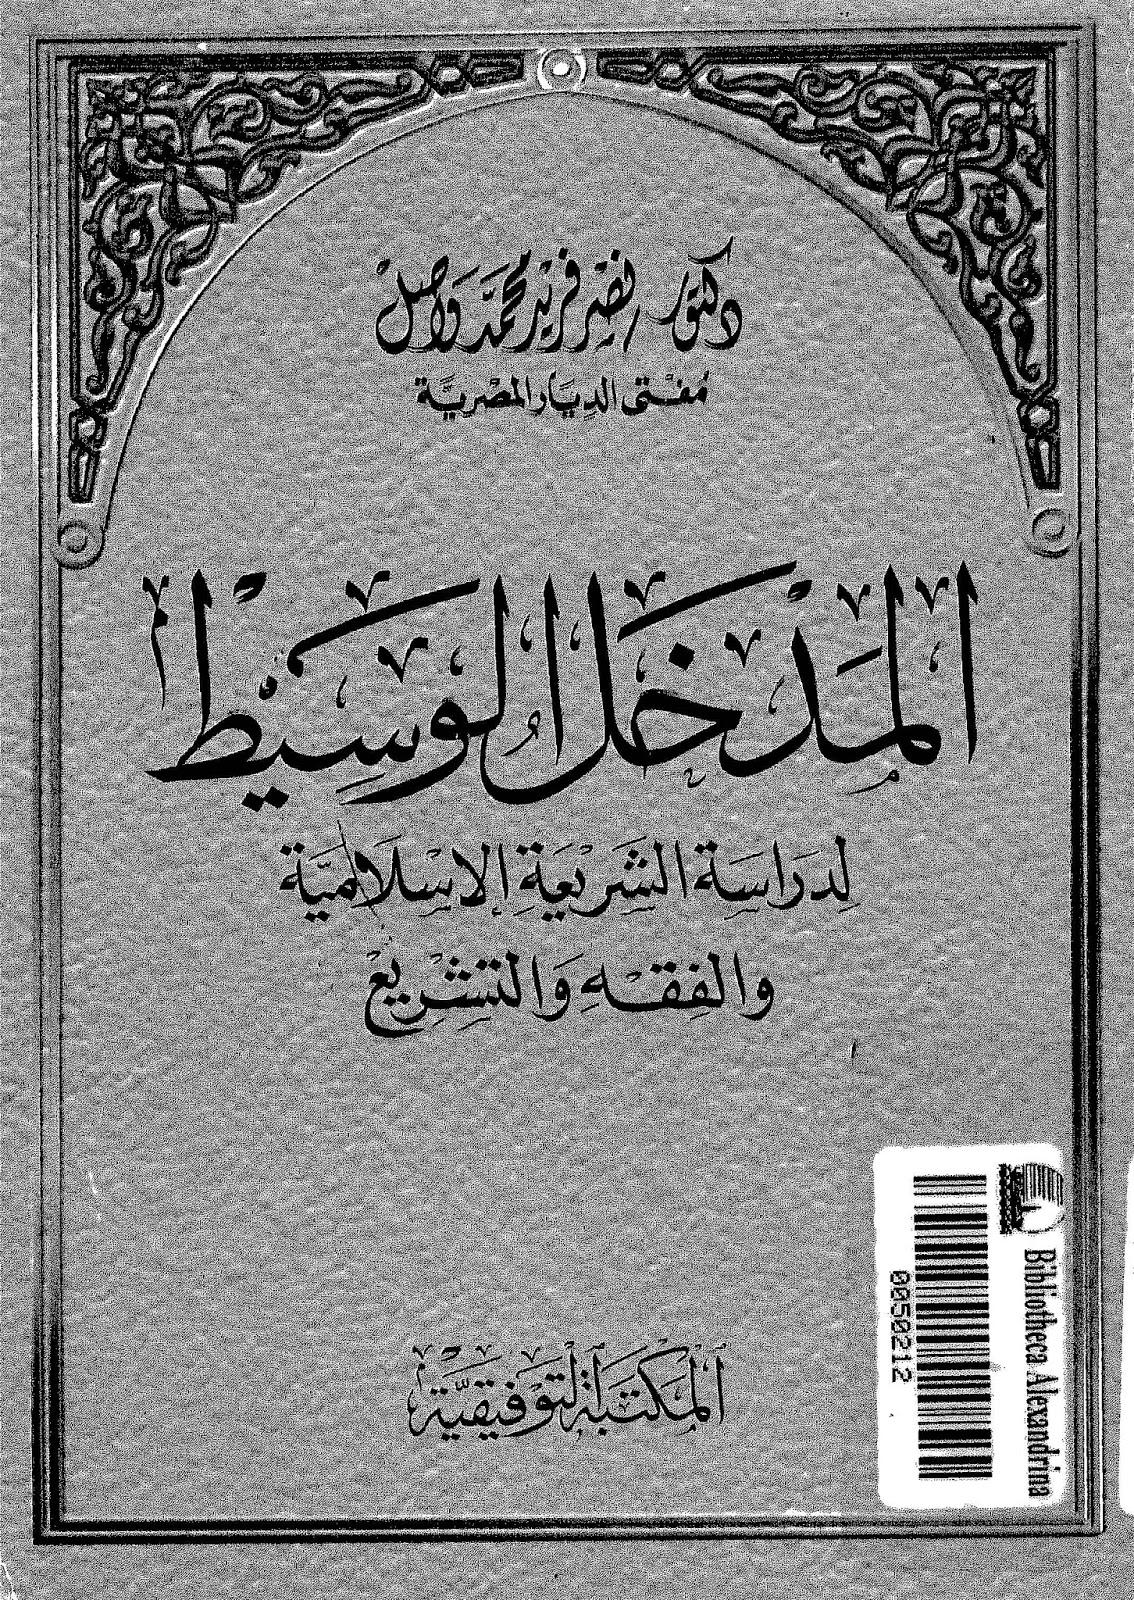 المدخل الوسيط لدراسة الشريعة والفقه والتشريع لـ نصير فريد محمد واصل